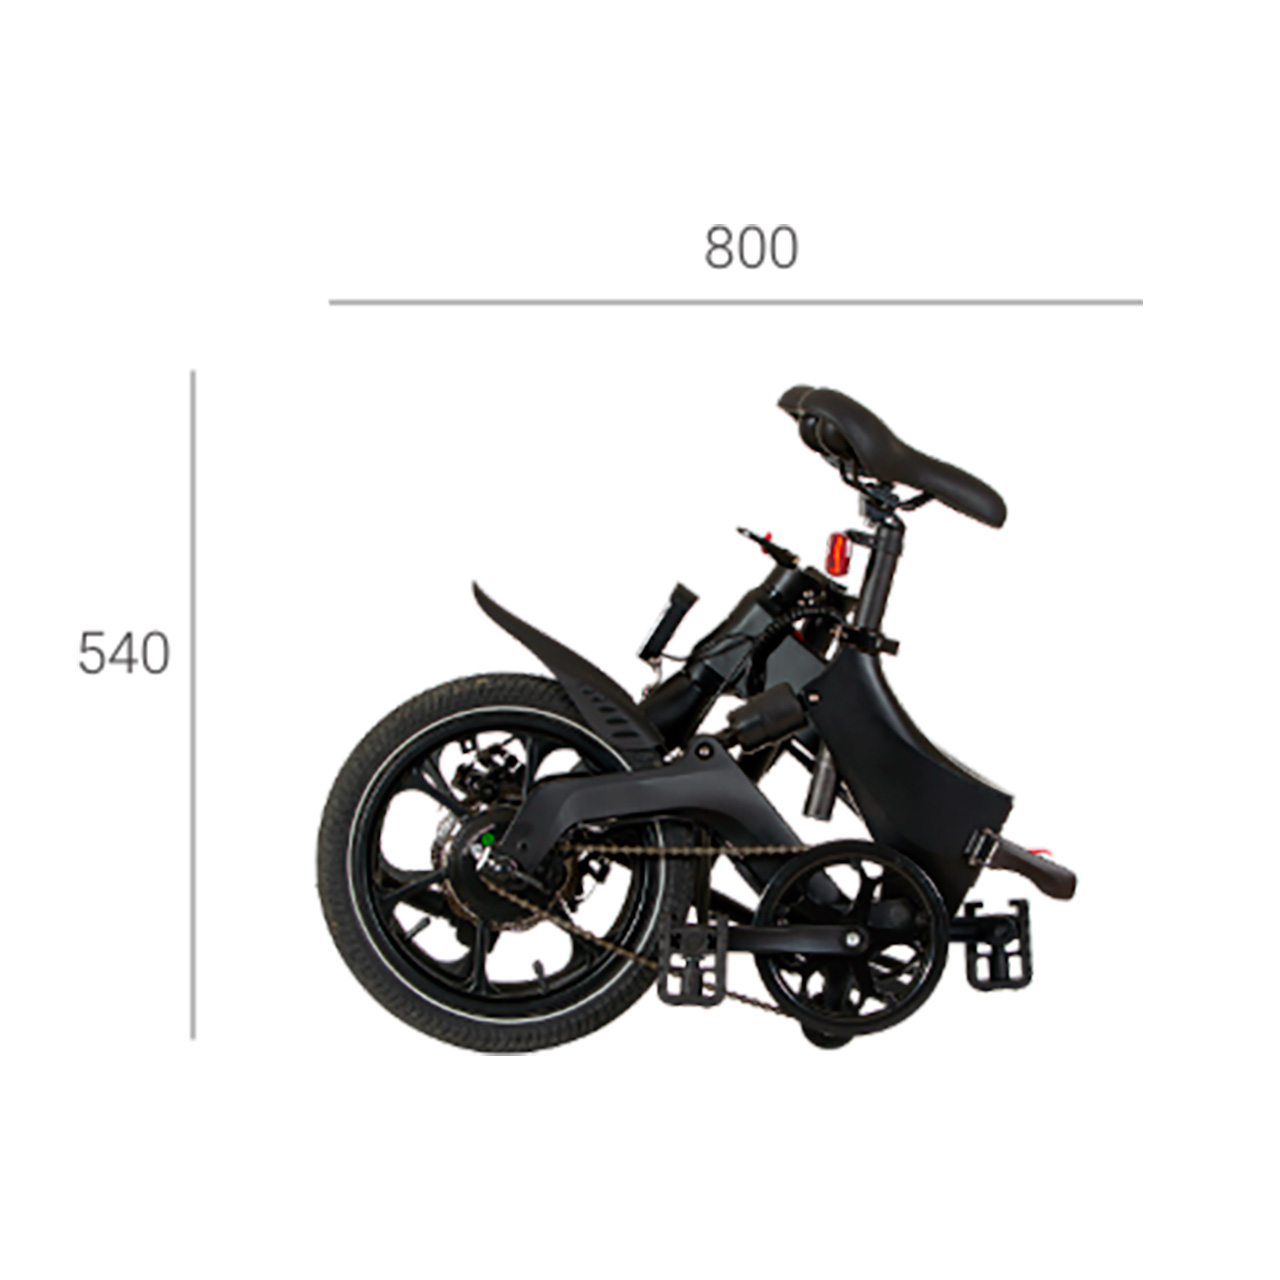 """Swiss+Go BK-16 eBike Bicicleta Eléctrica plegable Rueda 16"""", Motor 250w, 36v, Batería Litio 36V / 6,4 Ah"""